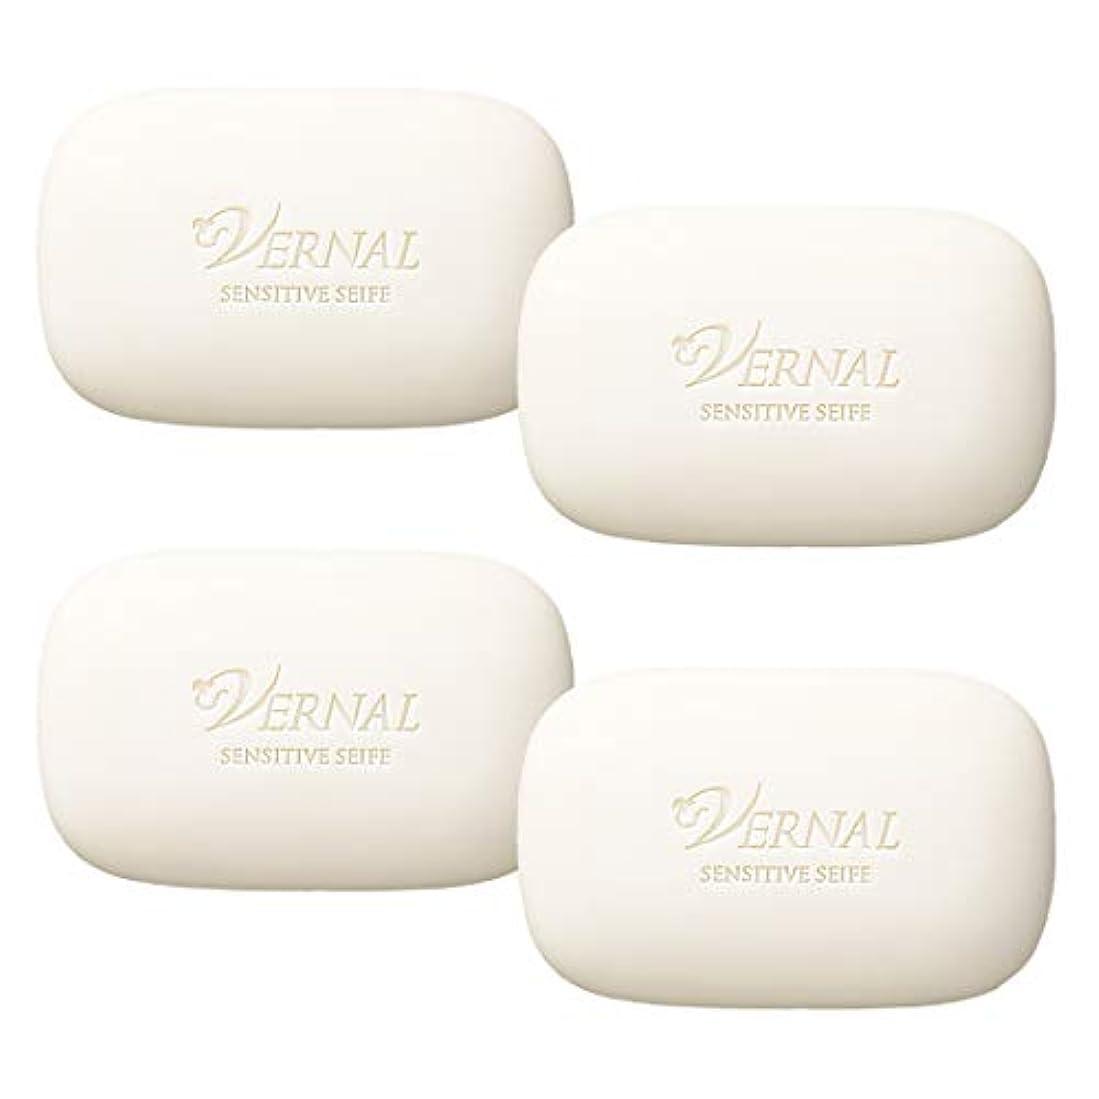 傾向がある正確さ研磨センシティブザイフ4個セット各110g/ ヴァーナル 洗顔石鹸 お得価格